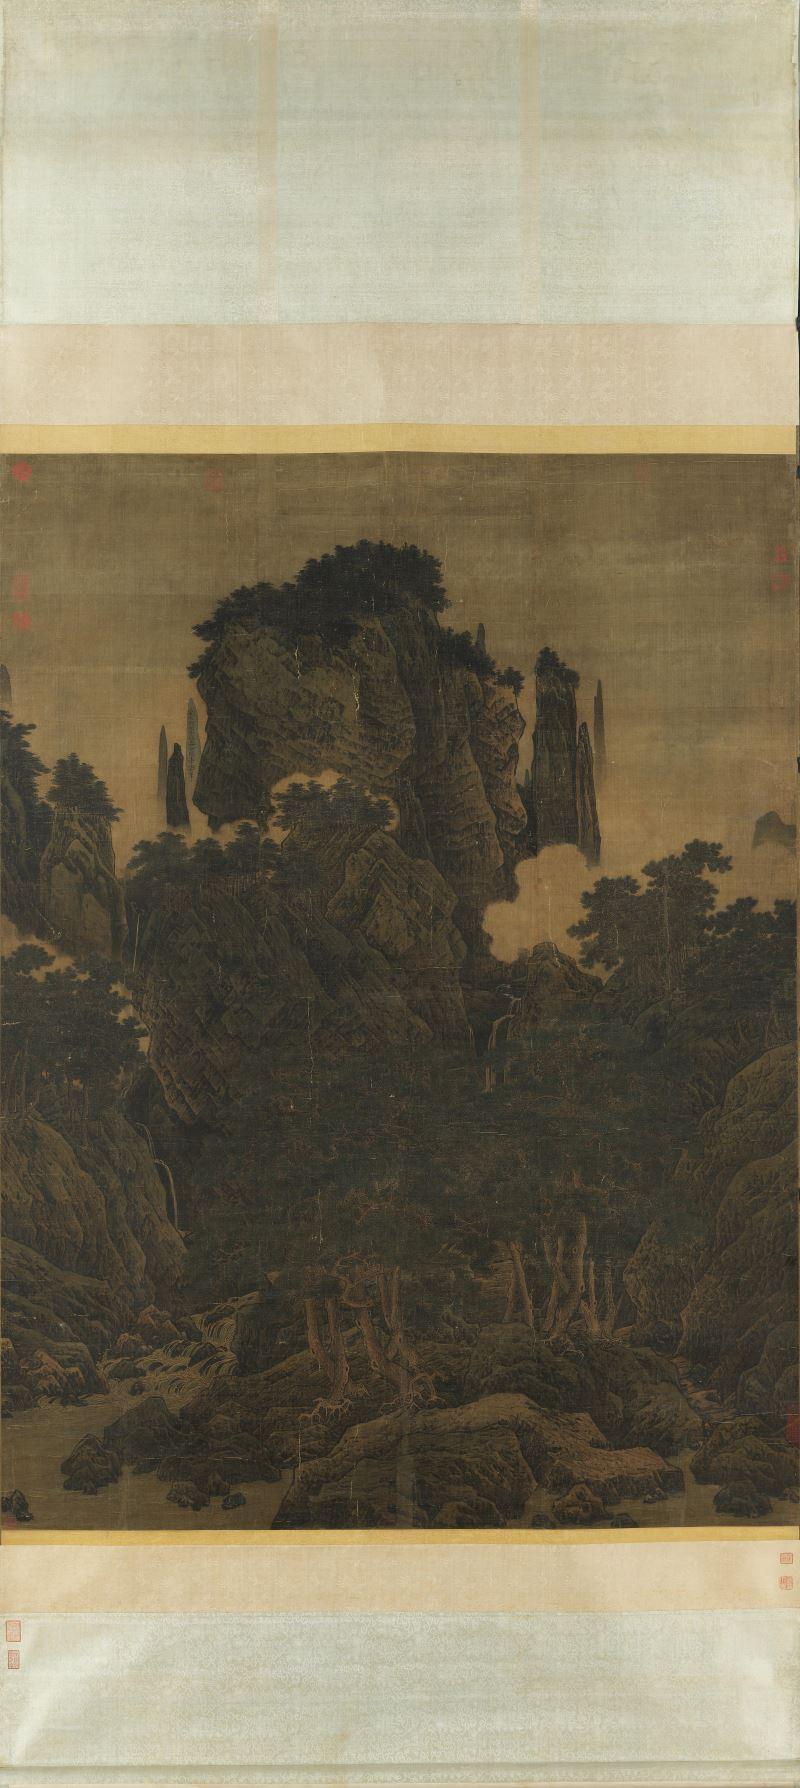 Whispering Pines in Myriad Valleys